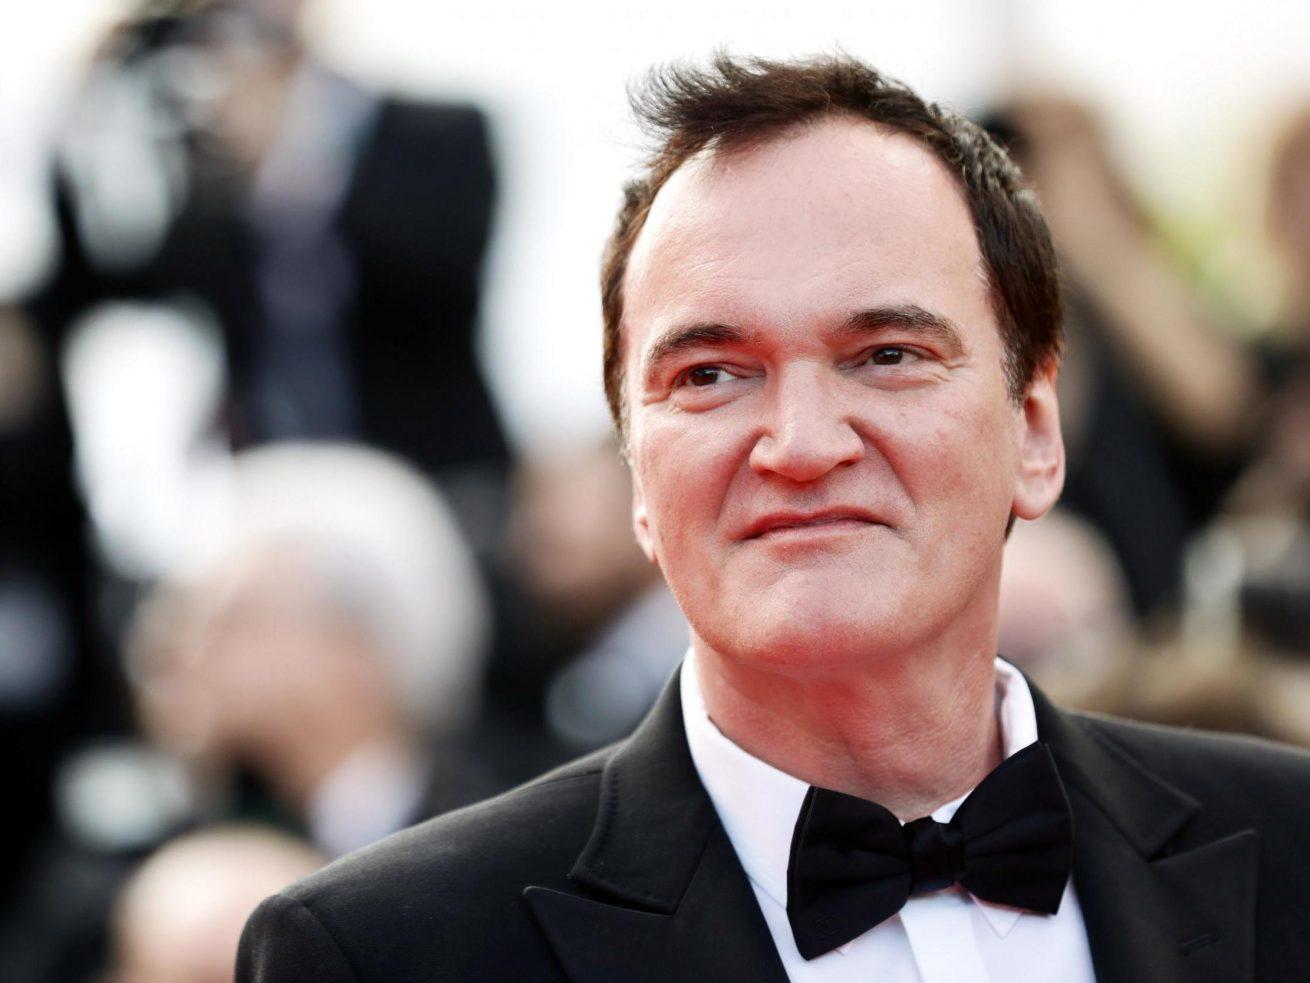 quentin tarantino favori aktörü chris pine hakkında konuştu